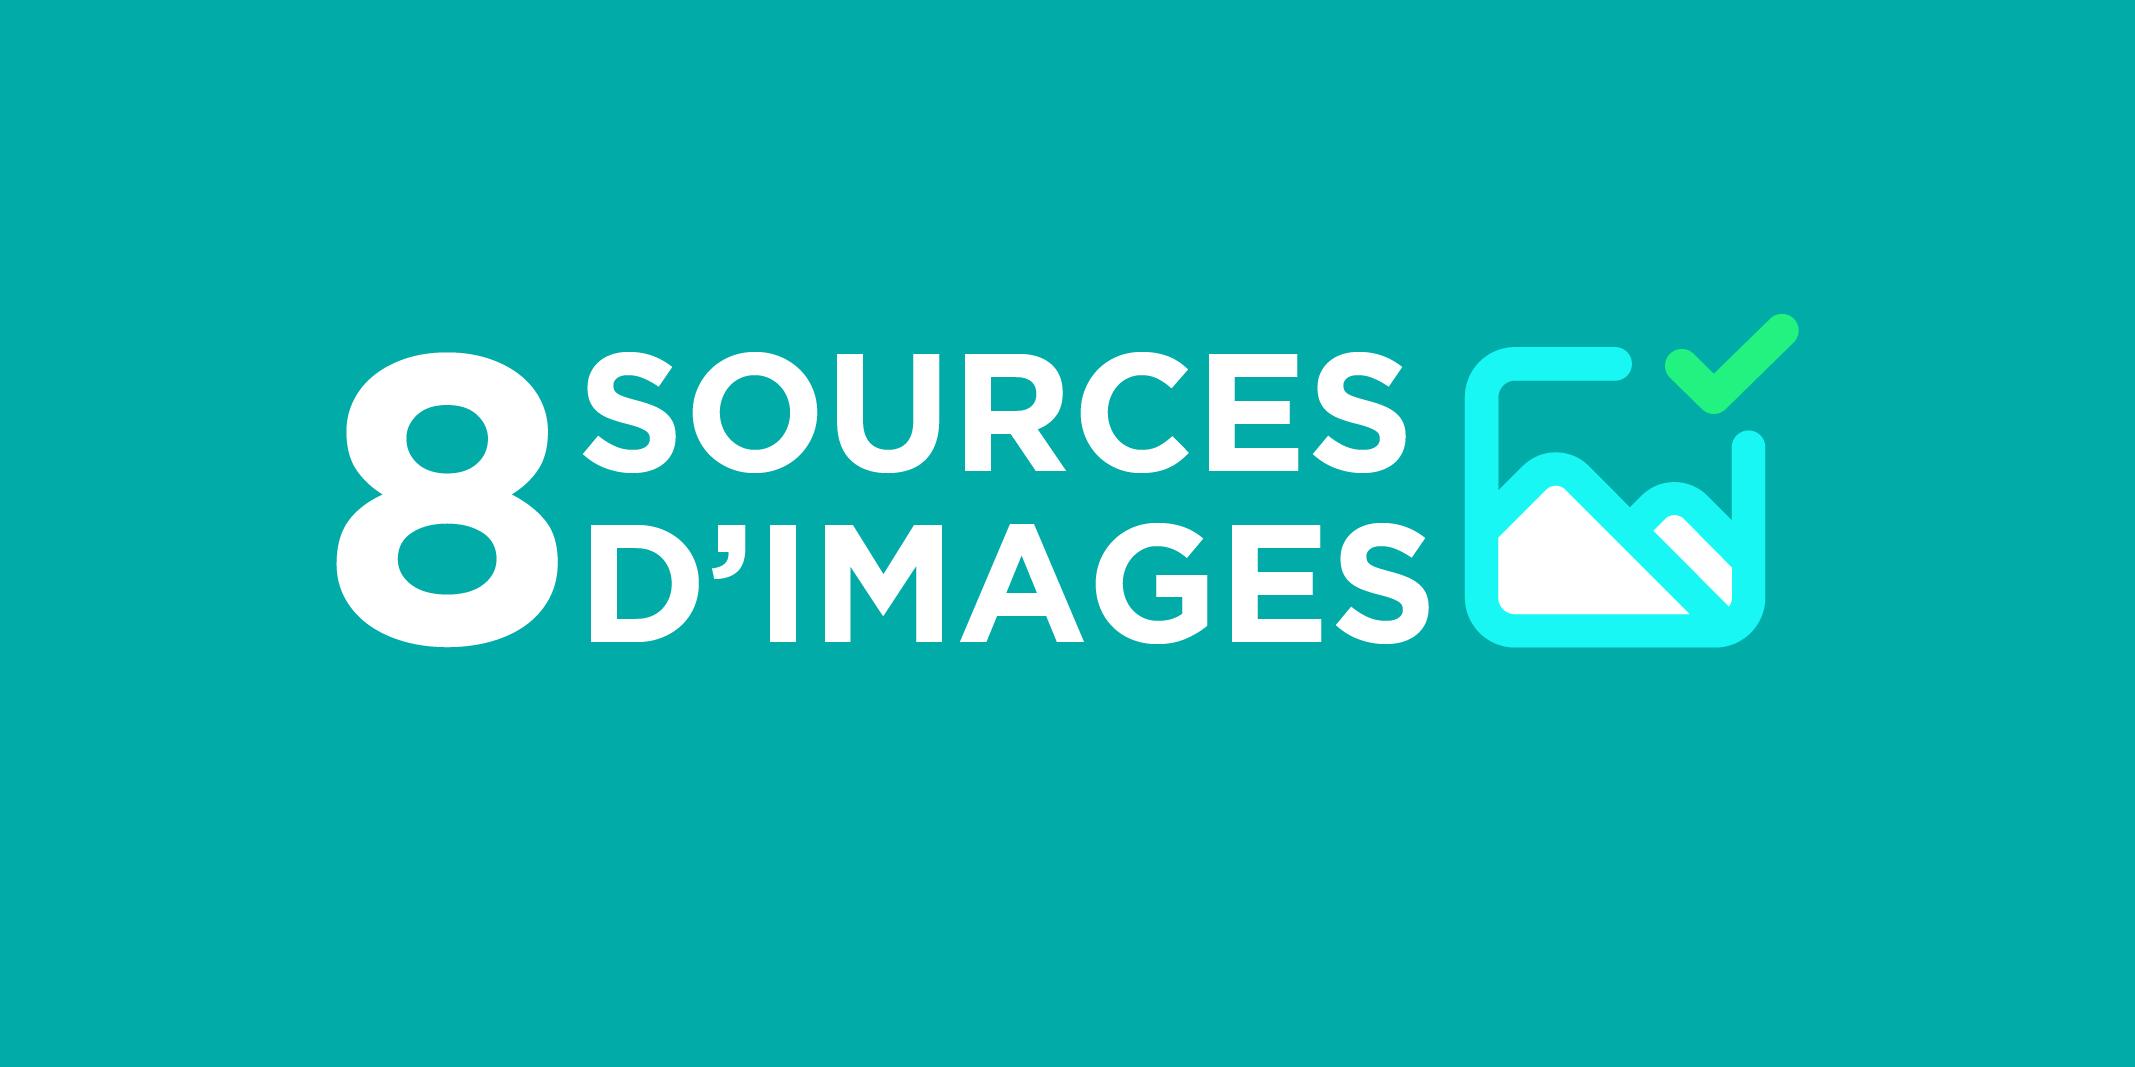 Trouver des sources d'images est parfois complexe